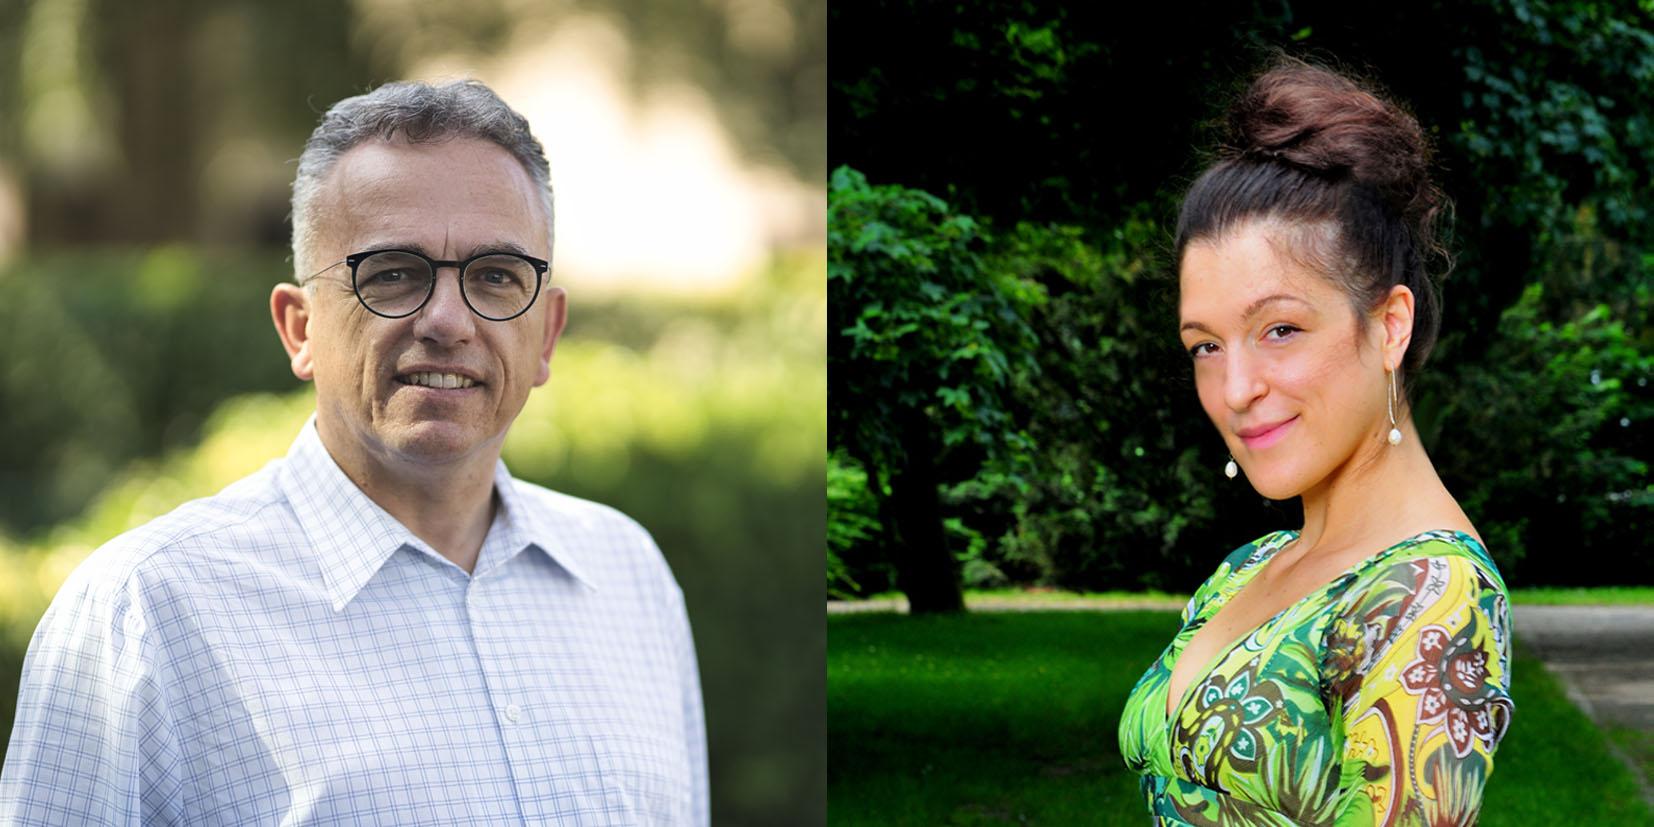 Landtagswahl 2022: Kreis Klever Grüne stellen Paula Backhaus und Dr. Volkhard Wille auf